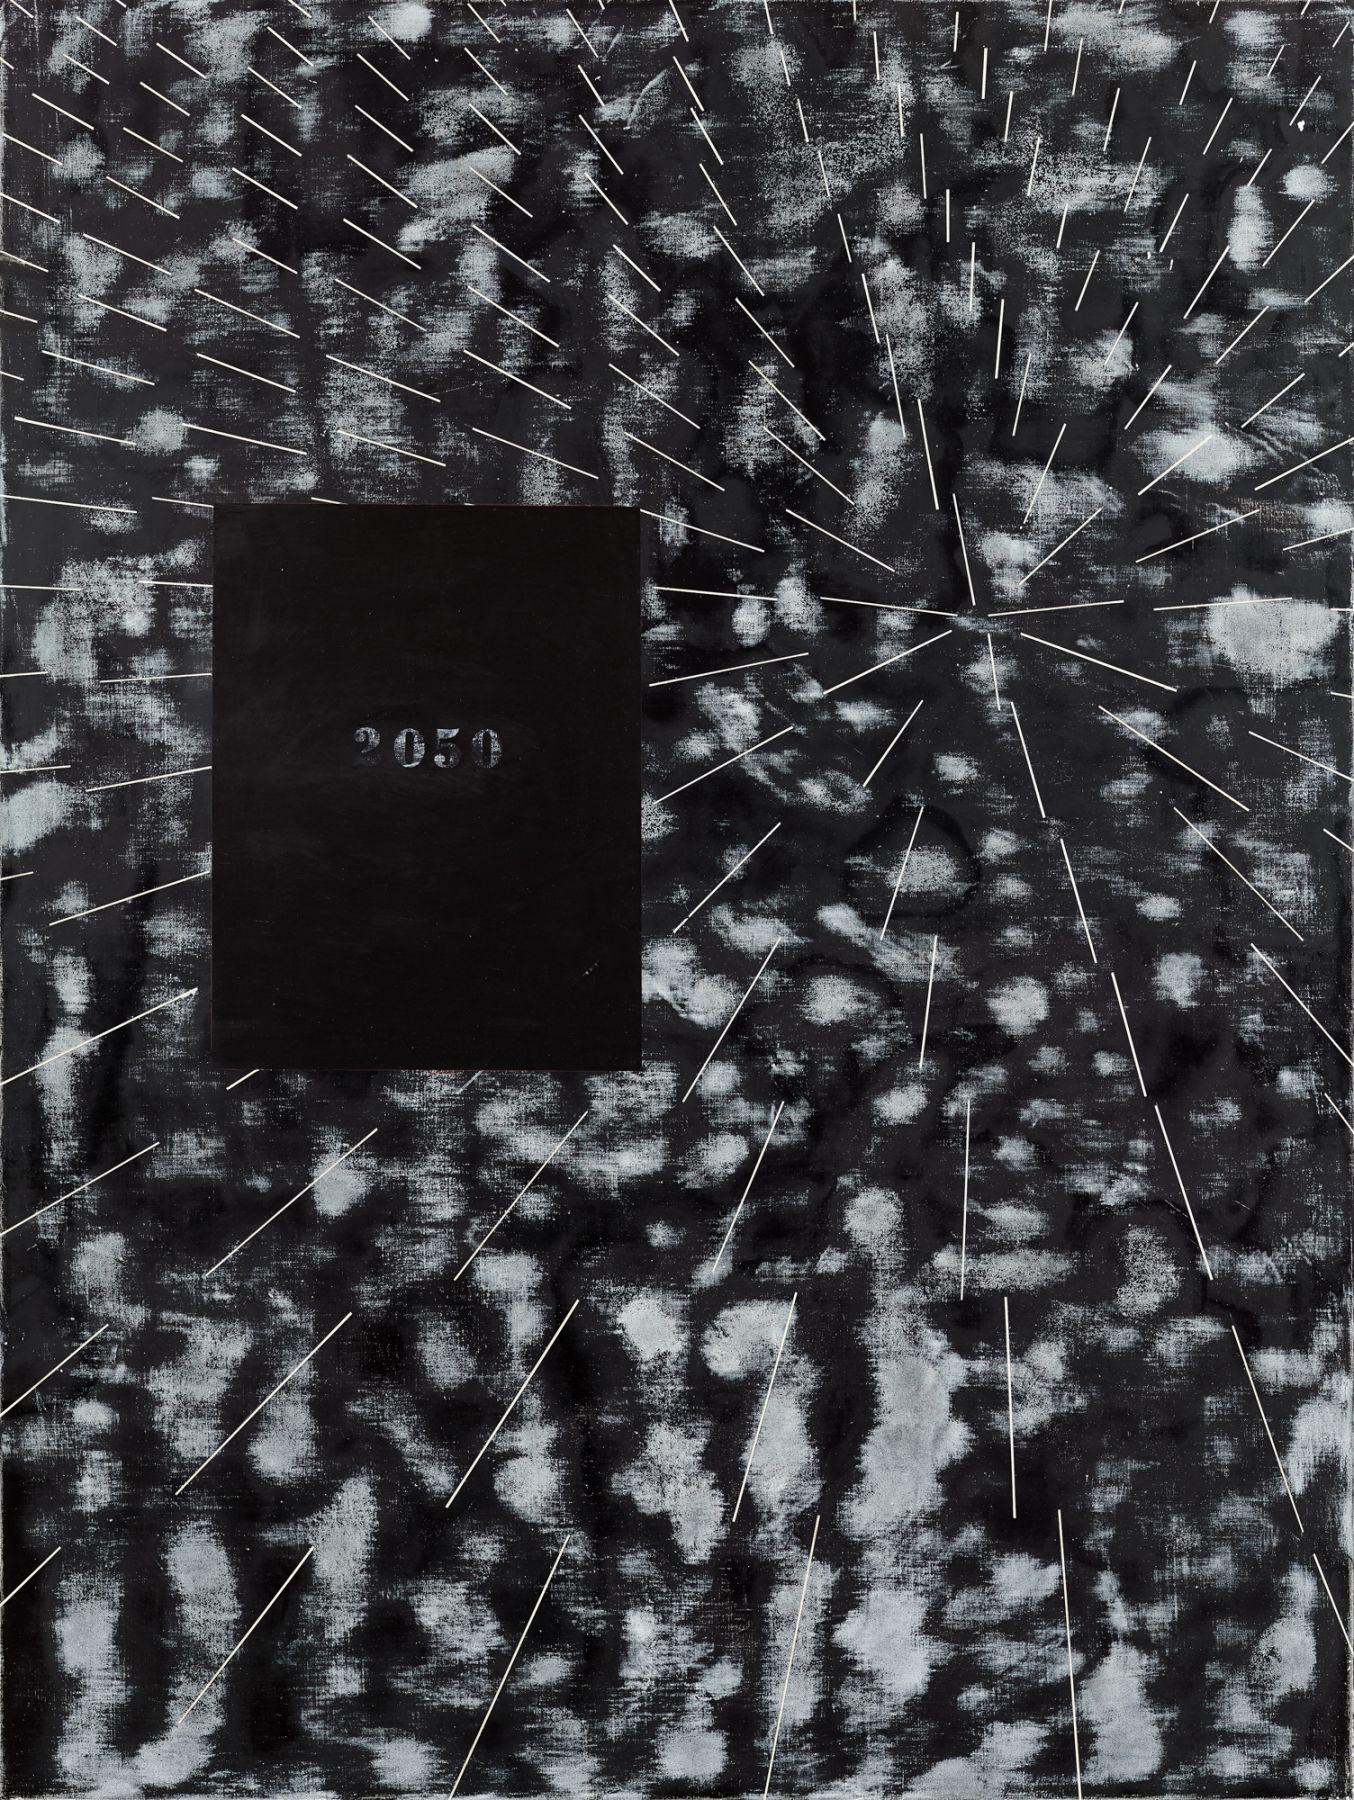 Ross Bleckner, Burn Painting (2050: Not My Future)